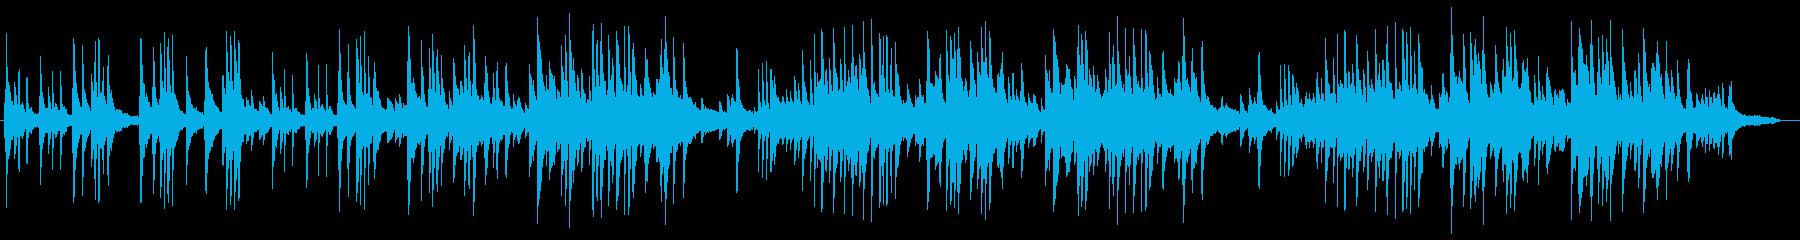 切ないピアノサウンドの再生済みの波形